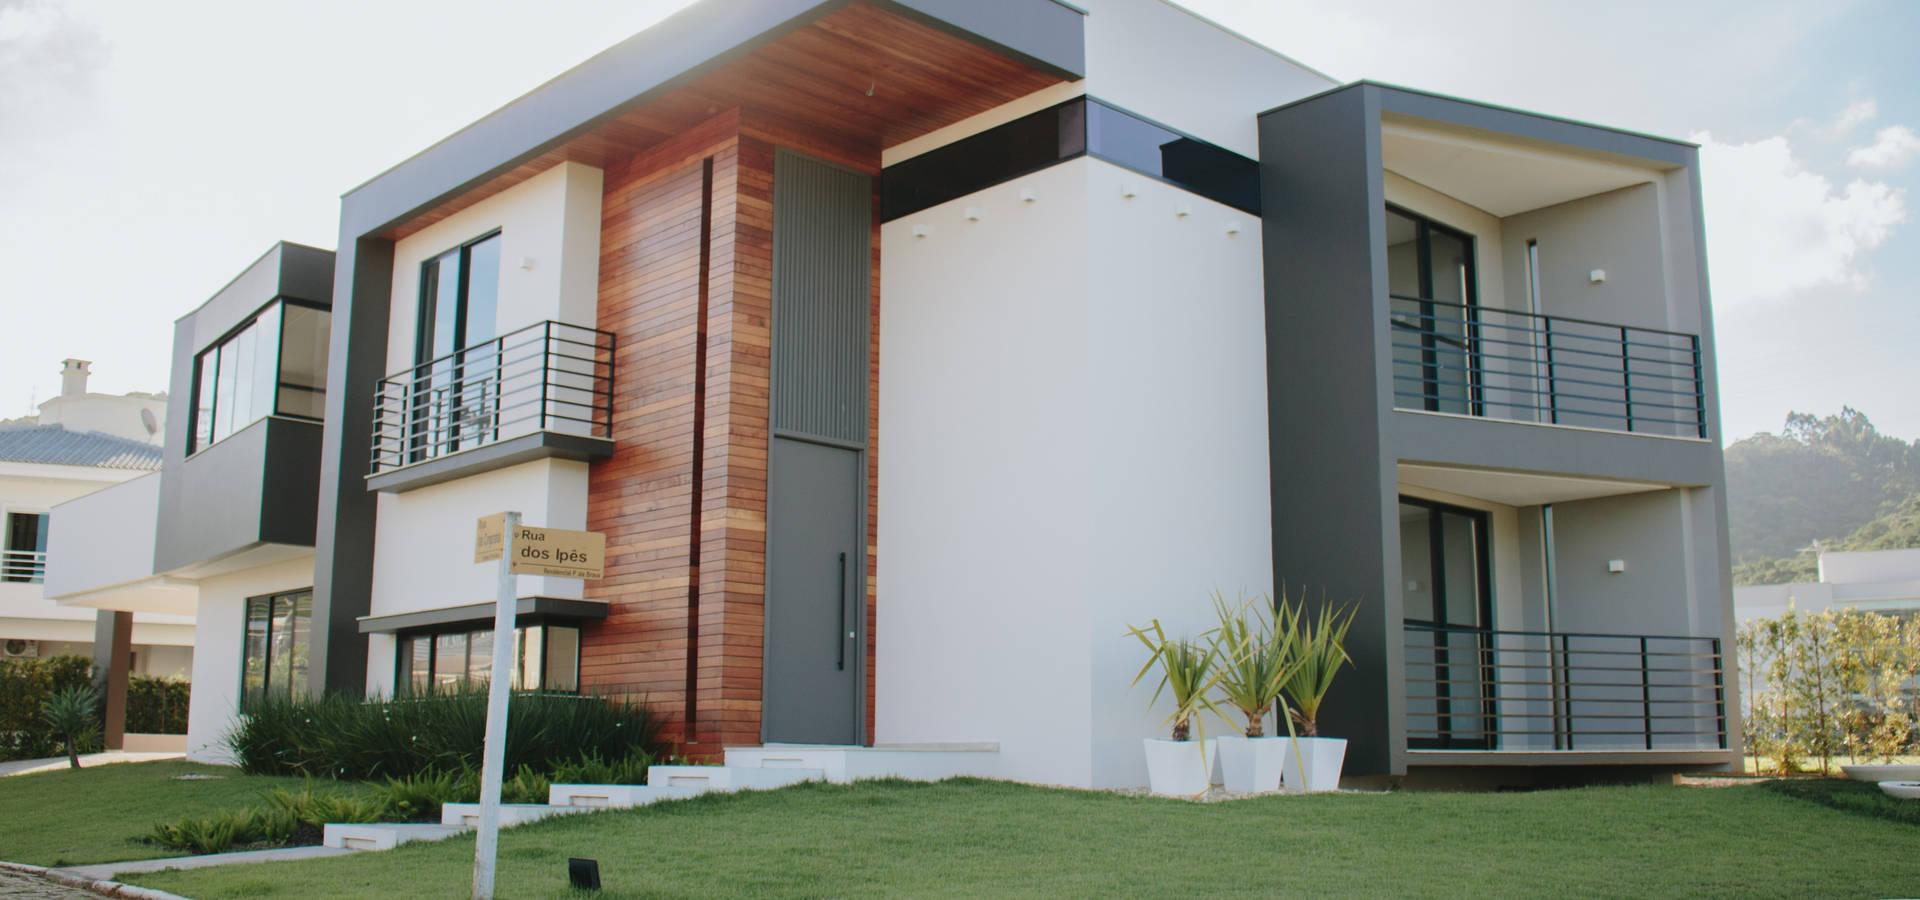 Schwinden & Petry Arquitetura